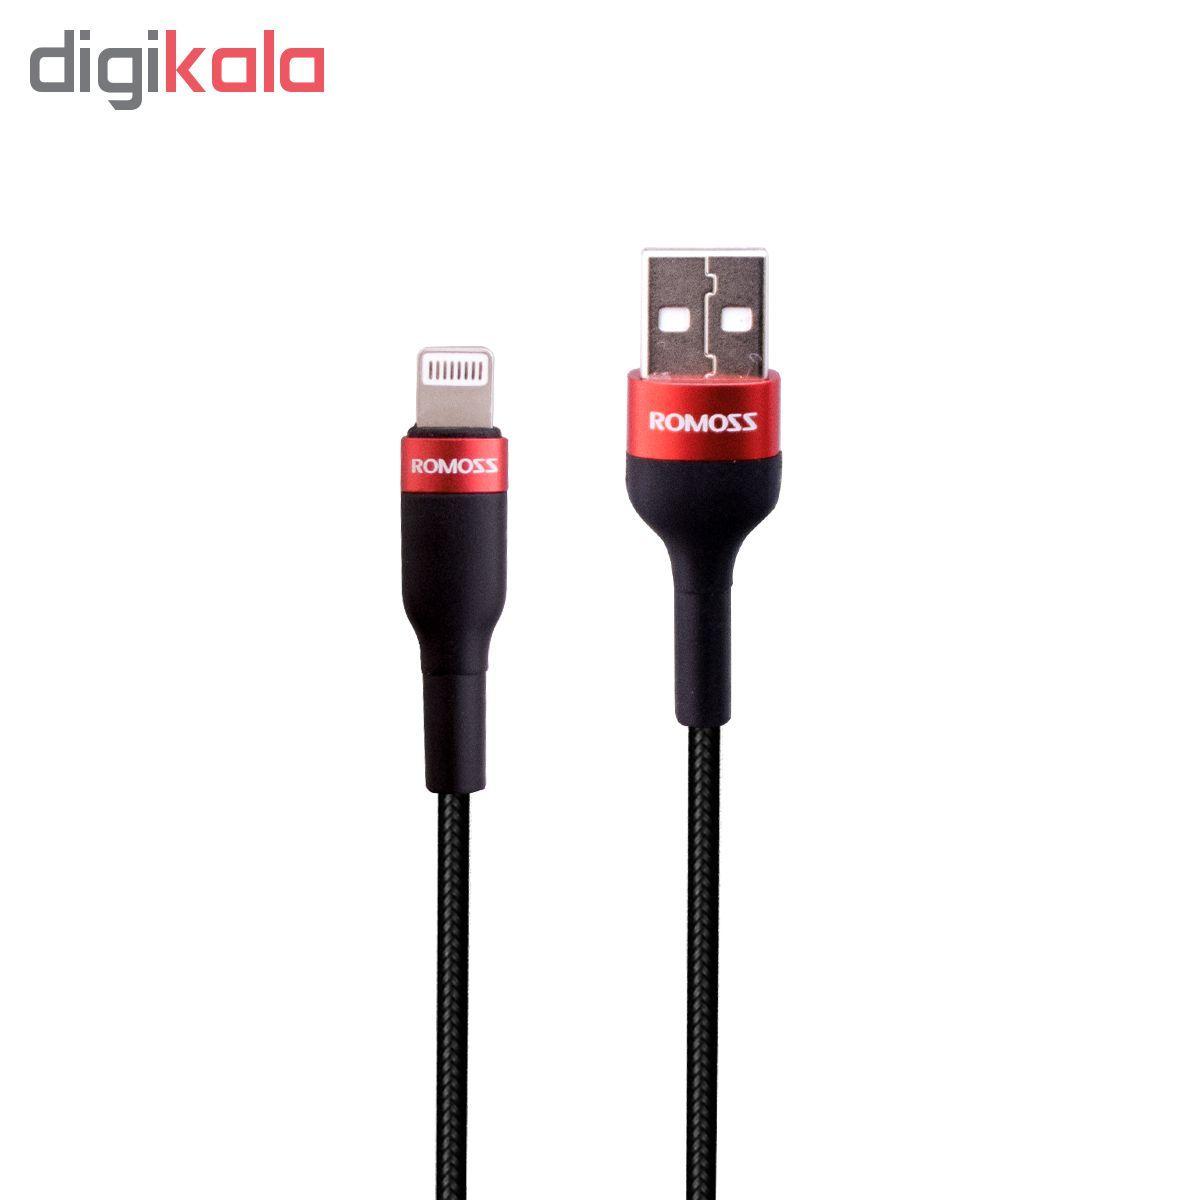 کابل تبدیل USB به لایتنینگ روموس مدل CB12B طول 1 متر main 1 4